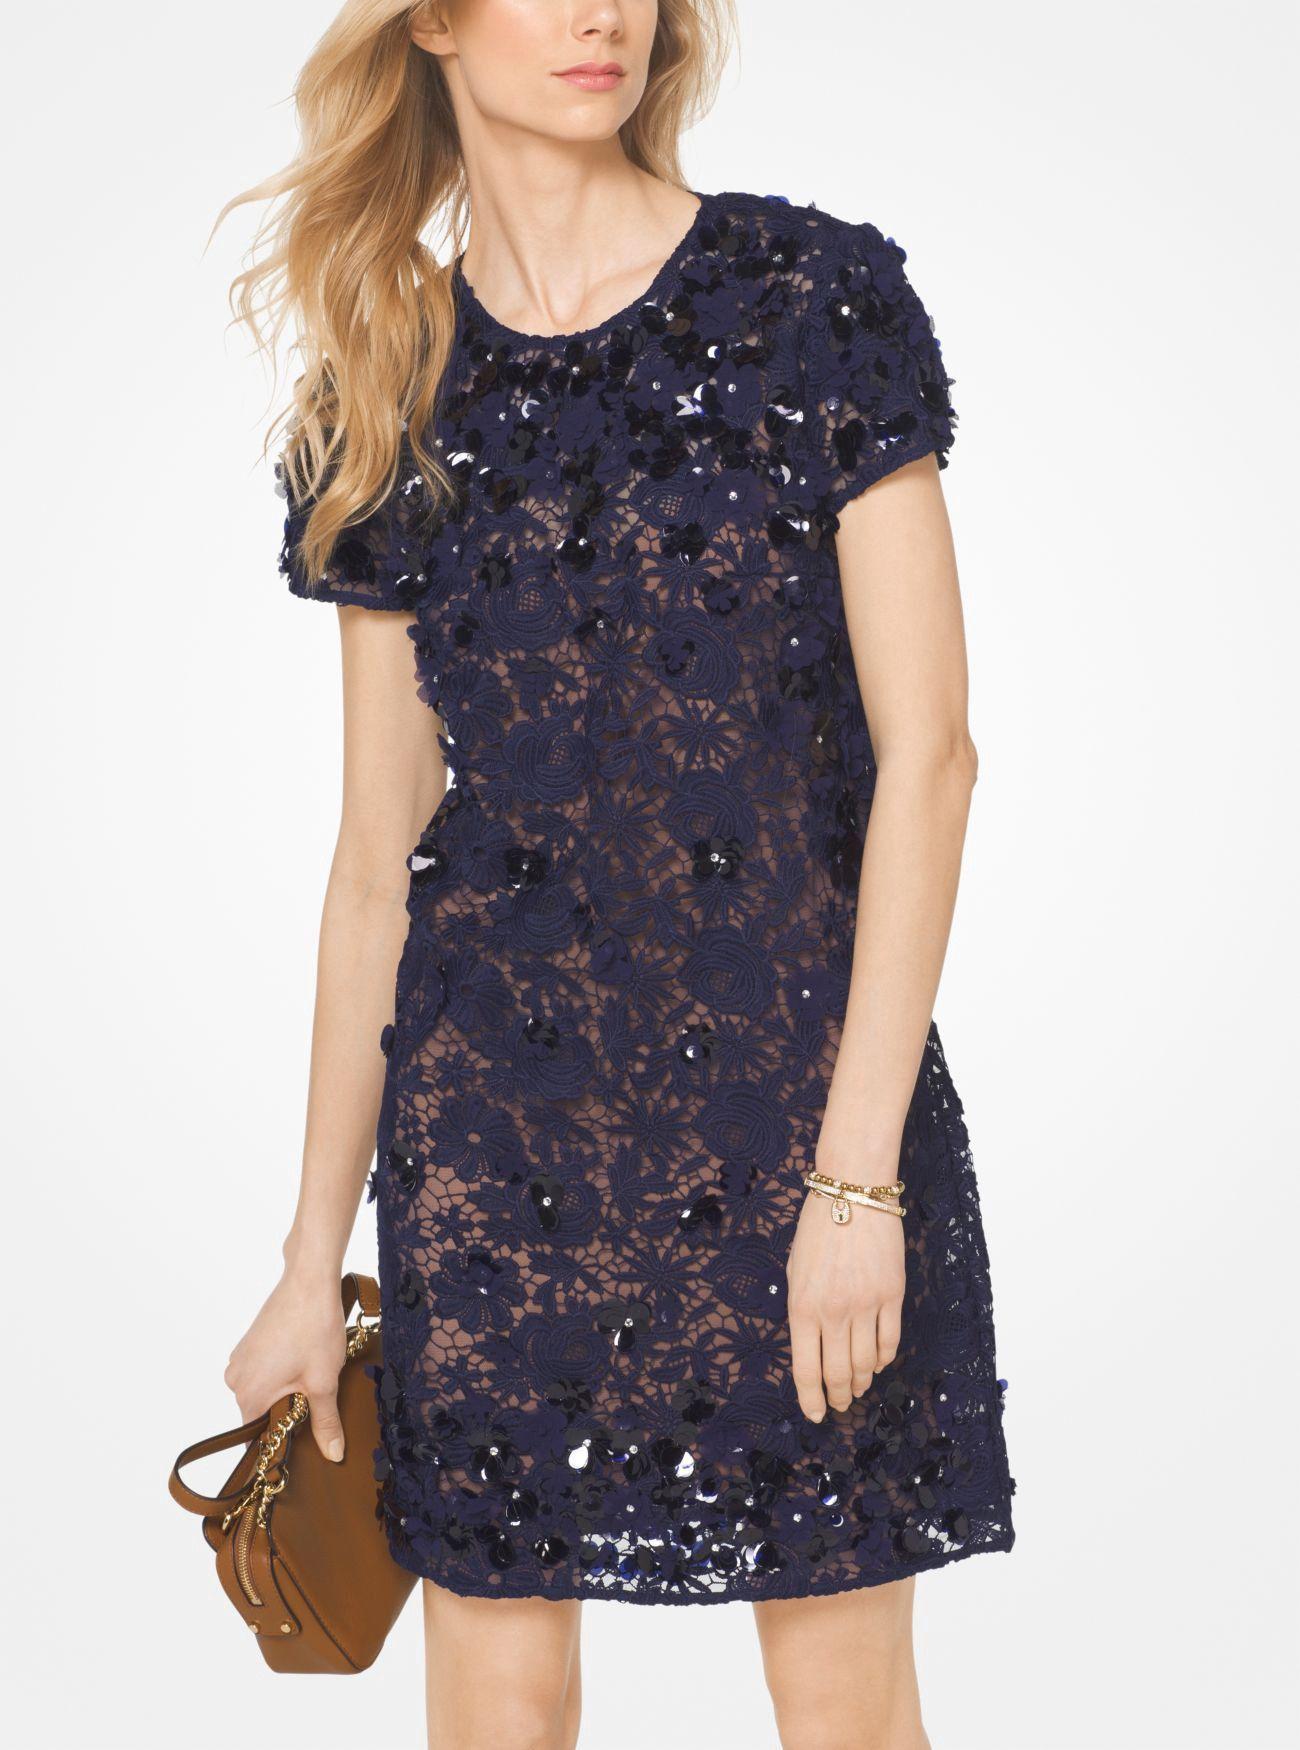 MICHAEL KORS Floral Appliqué Lace Shift Dress.